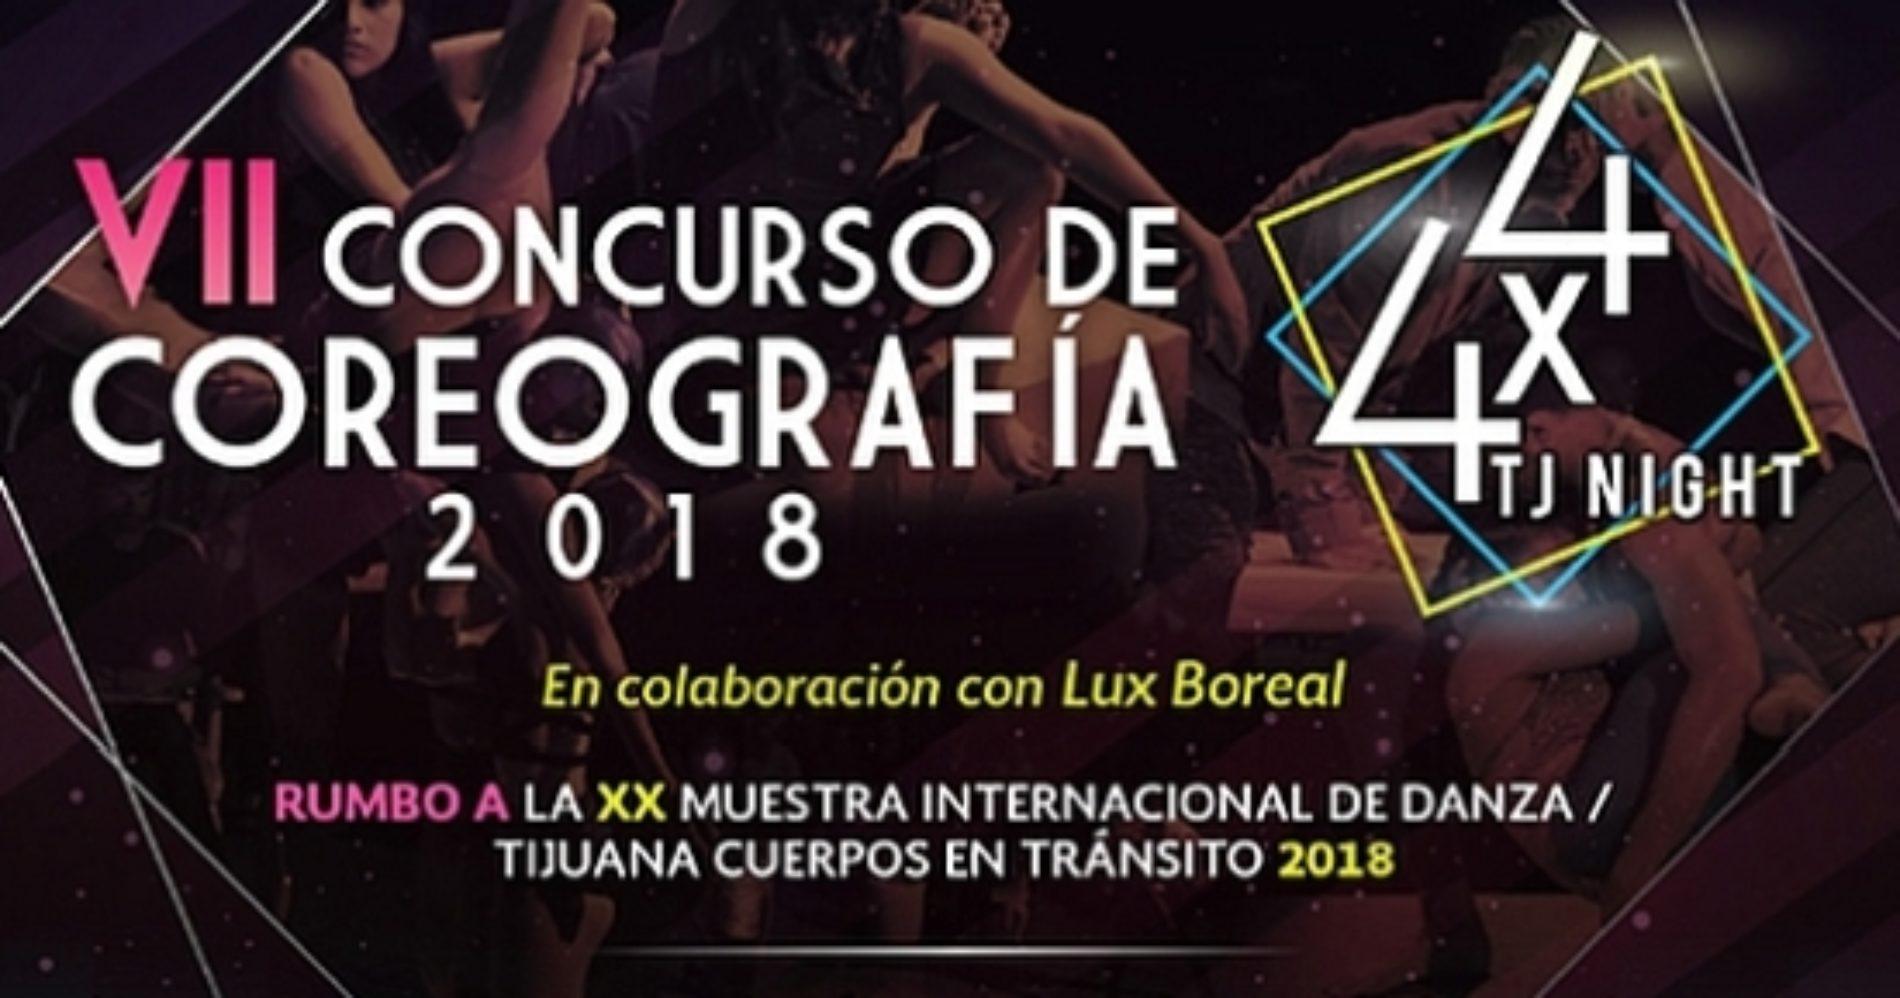 Concurso de Coreografía 4×4 TJ Night